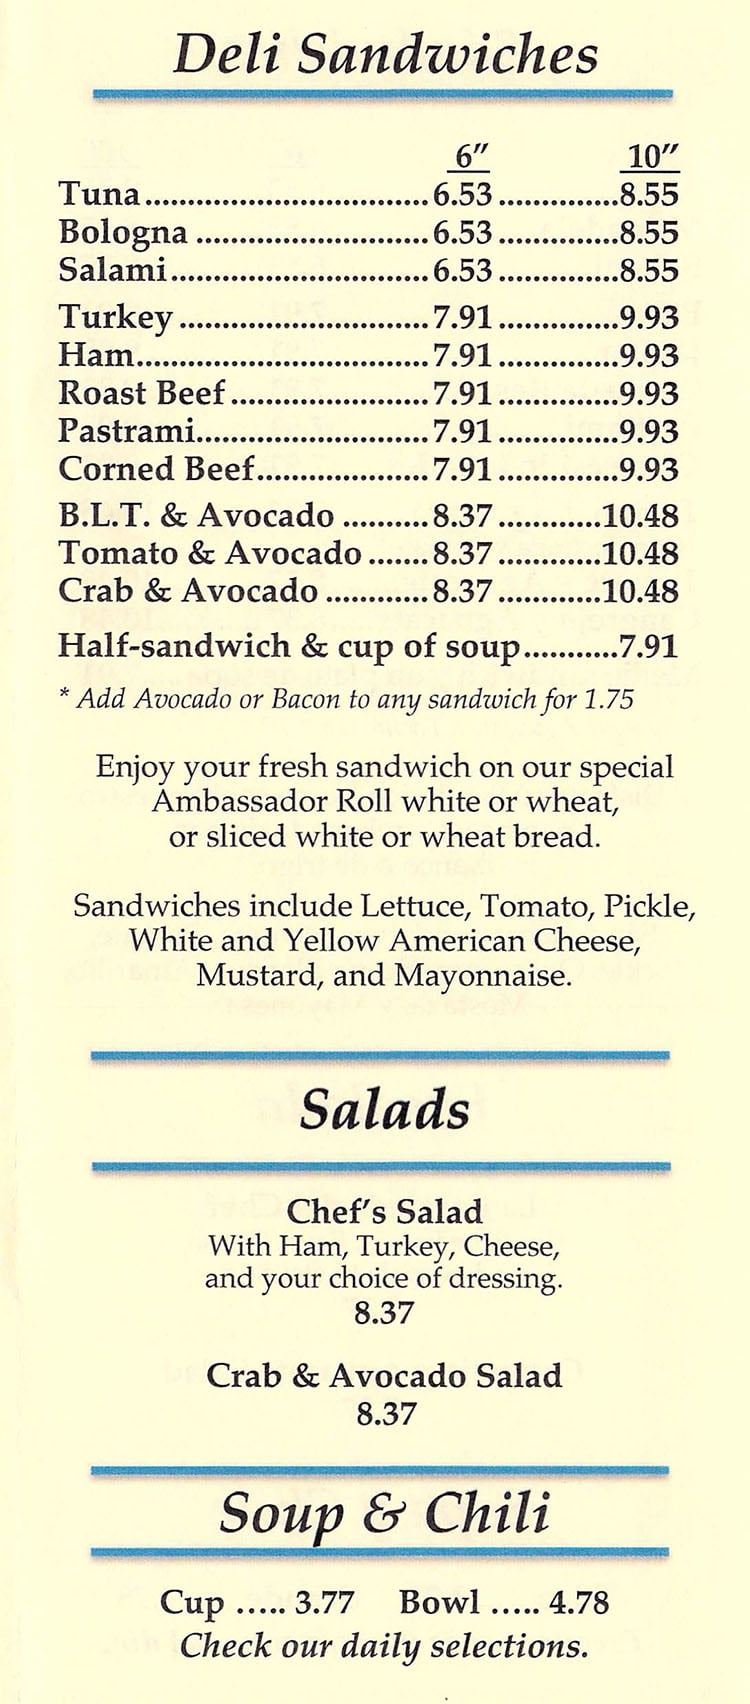 That Sandwich Shop menu - deli sandwiches, soup, salads, chilli